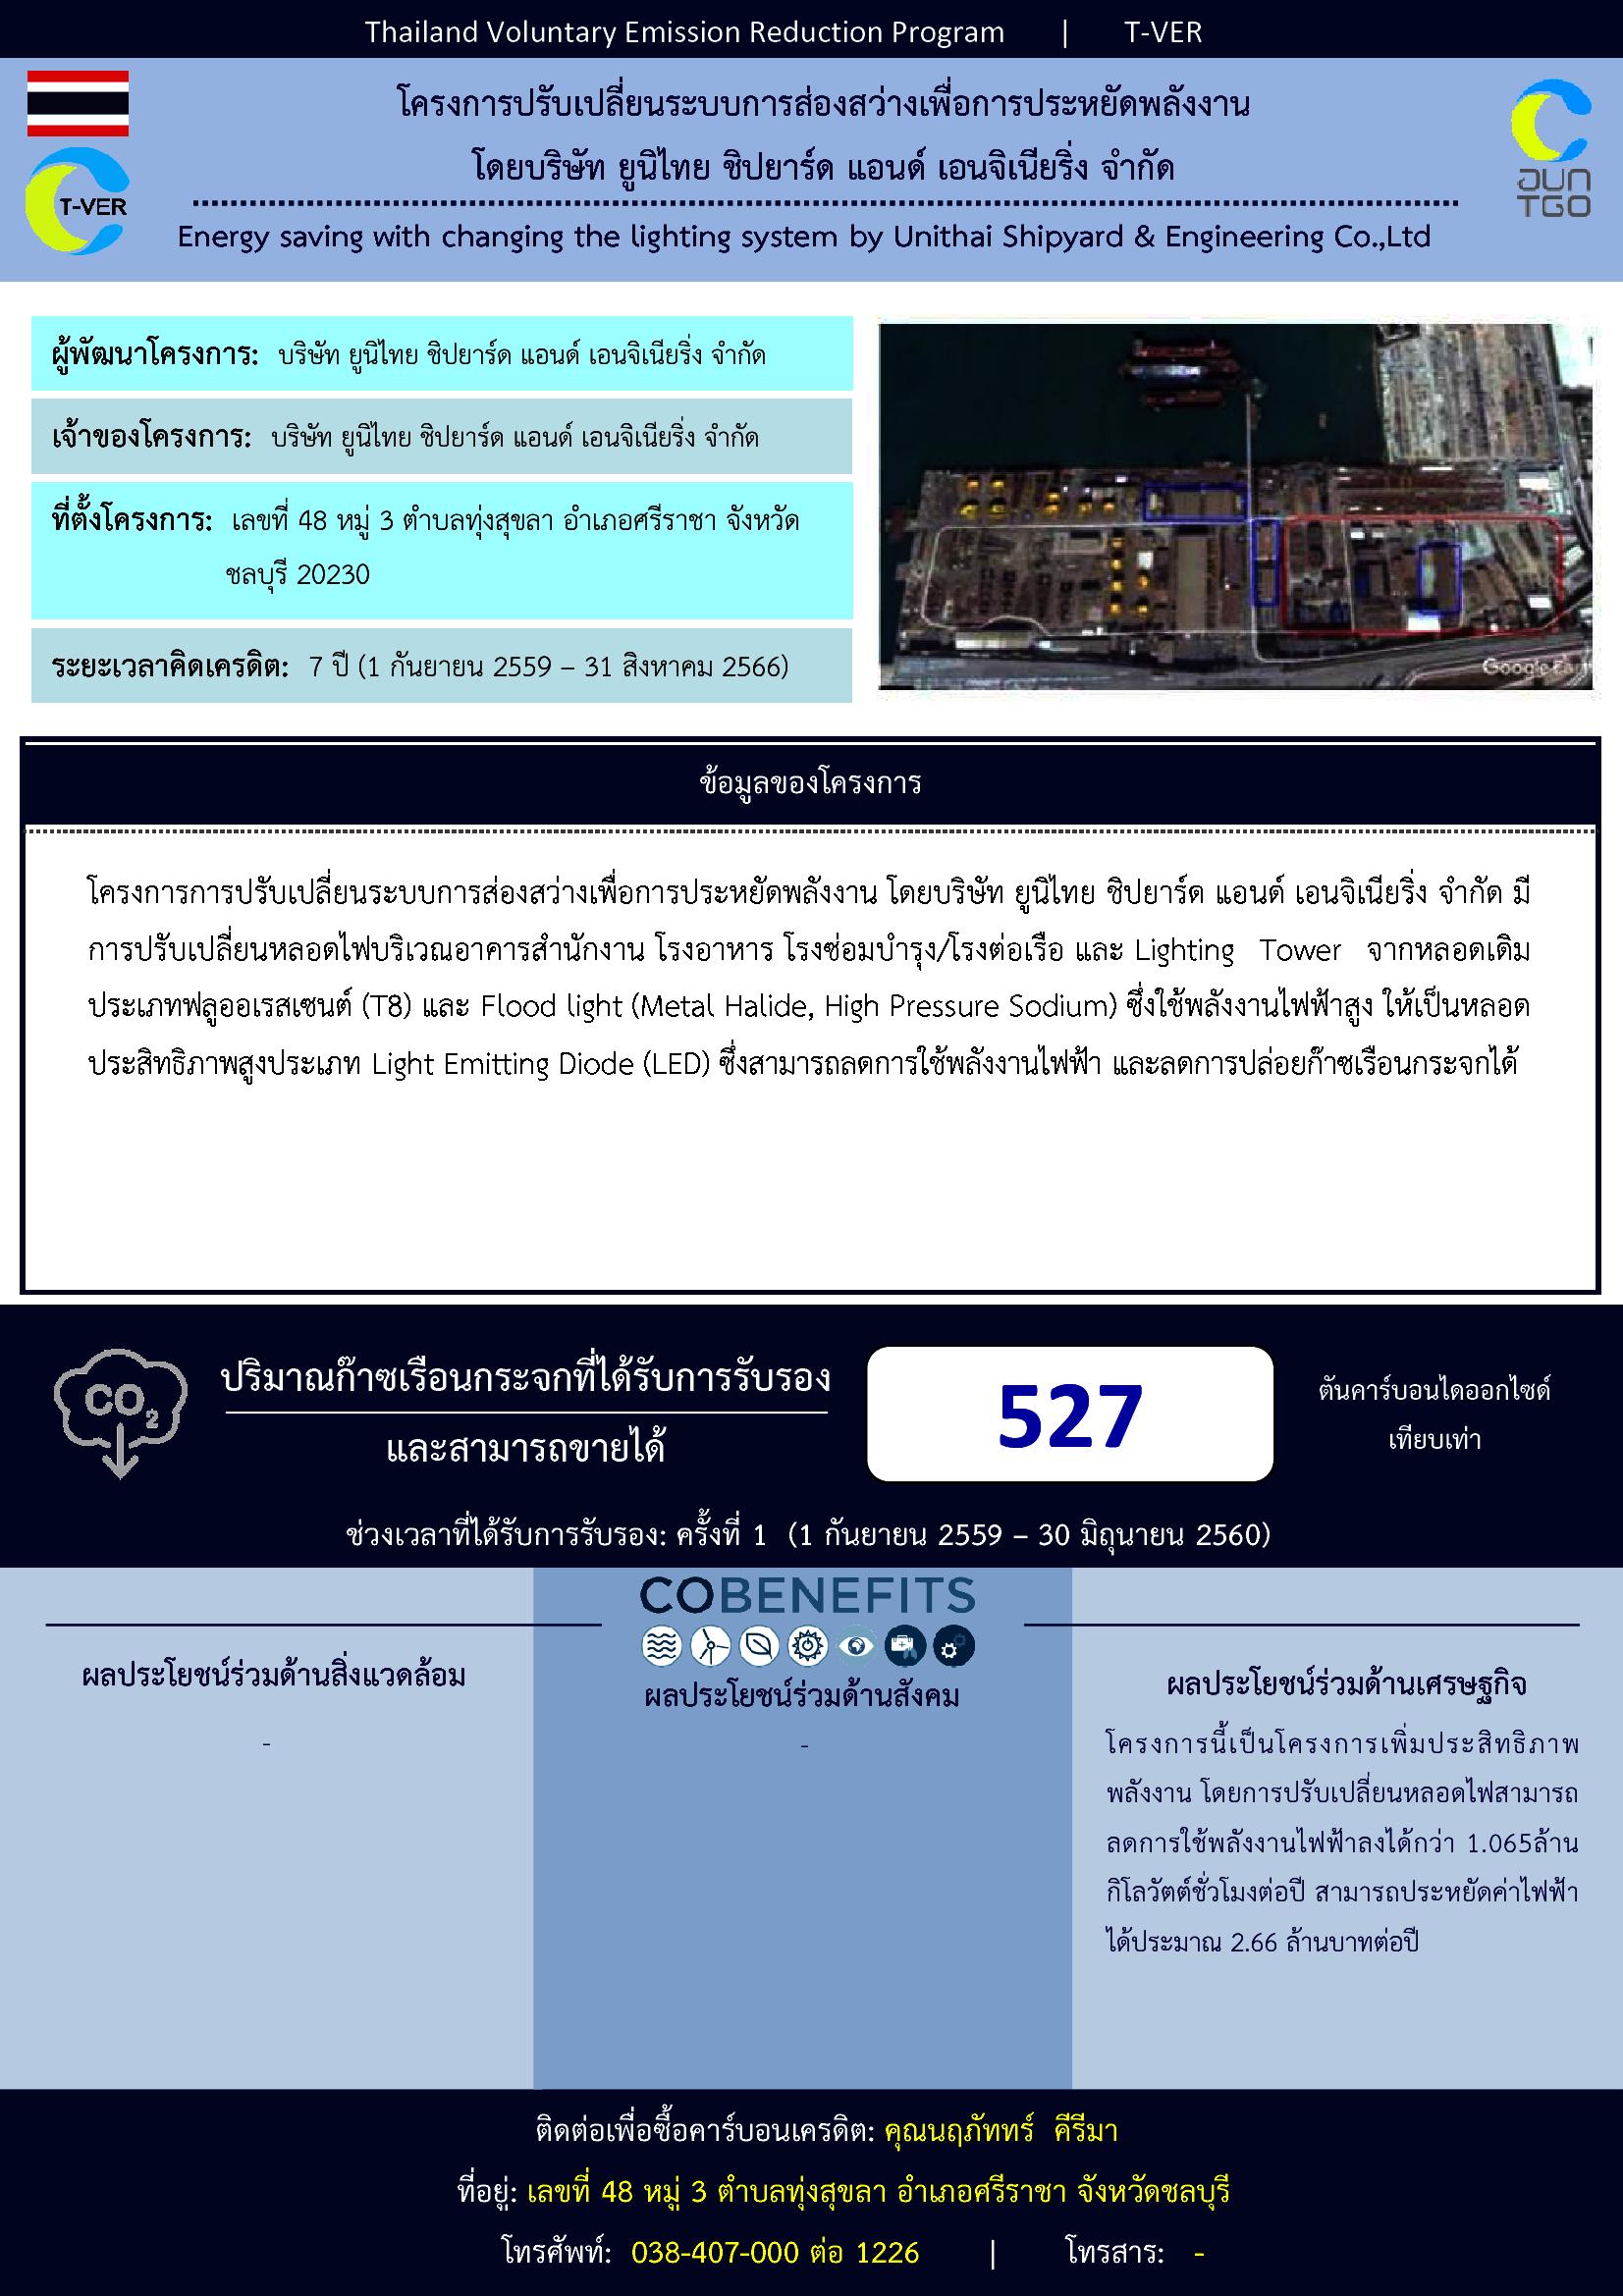 โครงการปรับเปลี่ยนระบบการส่องสว่างเพื่อการประหยัดพลังงาน โดยบริษัท ยูนิไทย ชิปยาร์ด แอนด์ เอนจิเนียริ่ง จำกัด